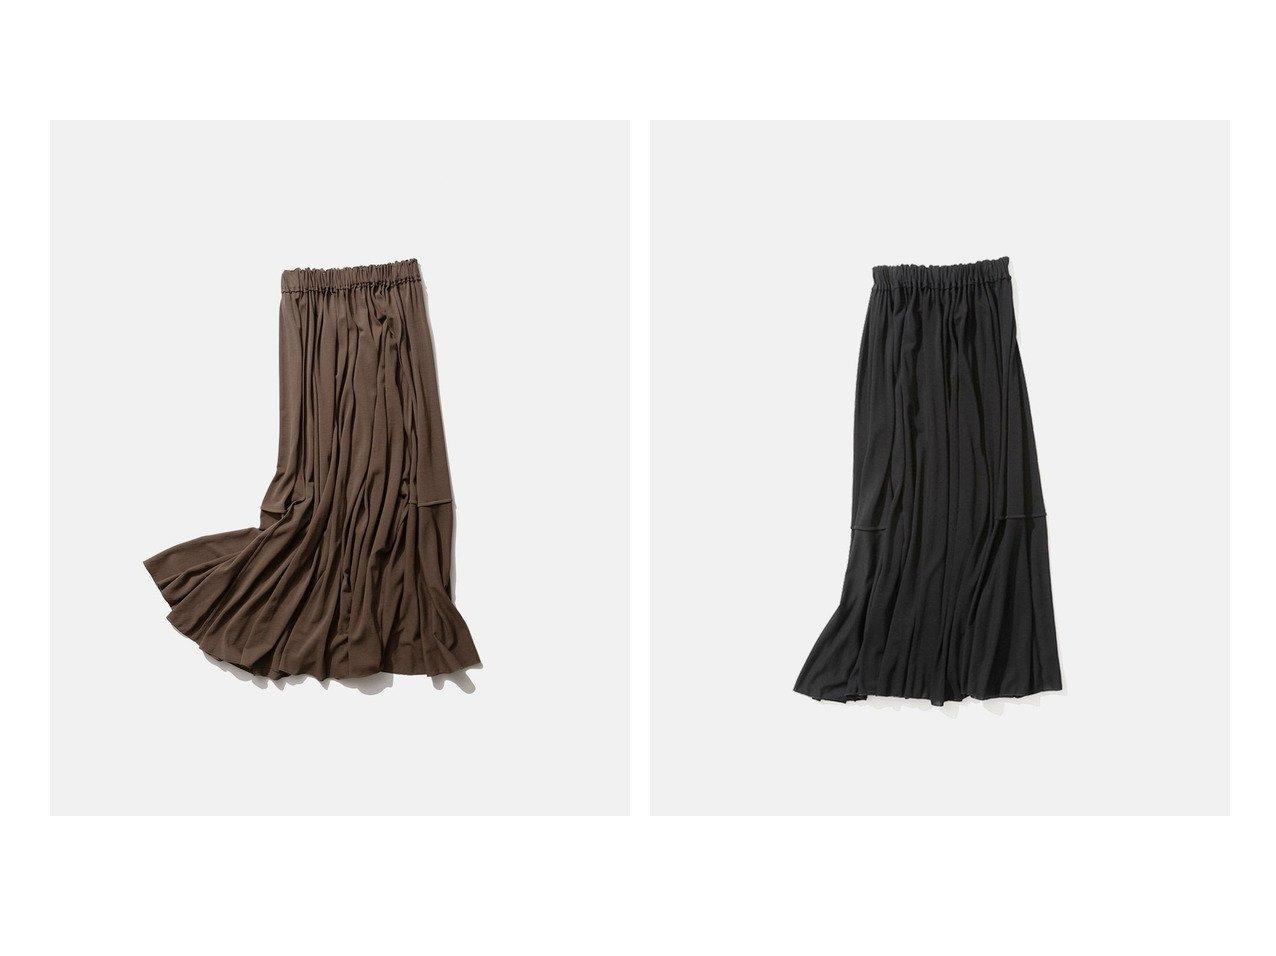 【ATON/エイトン】のFRESCA KANOKO ギャザースカート 【スカート】おすすめ!人気トレンド・レディースファッション通販 おすすめで人気の流行・トレンド、ファッションの通販商品 インテリア・家具・メンズファッション・キッズファッション・レディースファッション・服の通販 founy(ファニー) https://founy.com/ ファッション Fashion レディースファッション WOMEN スカート Skirt ギャザー 鹿の子 ジャージー ドレープ 送料無料 Free Shipping |ID:crp329100000050686